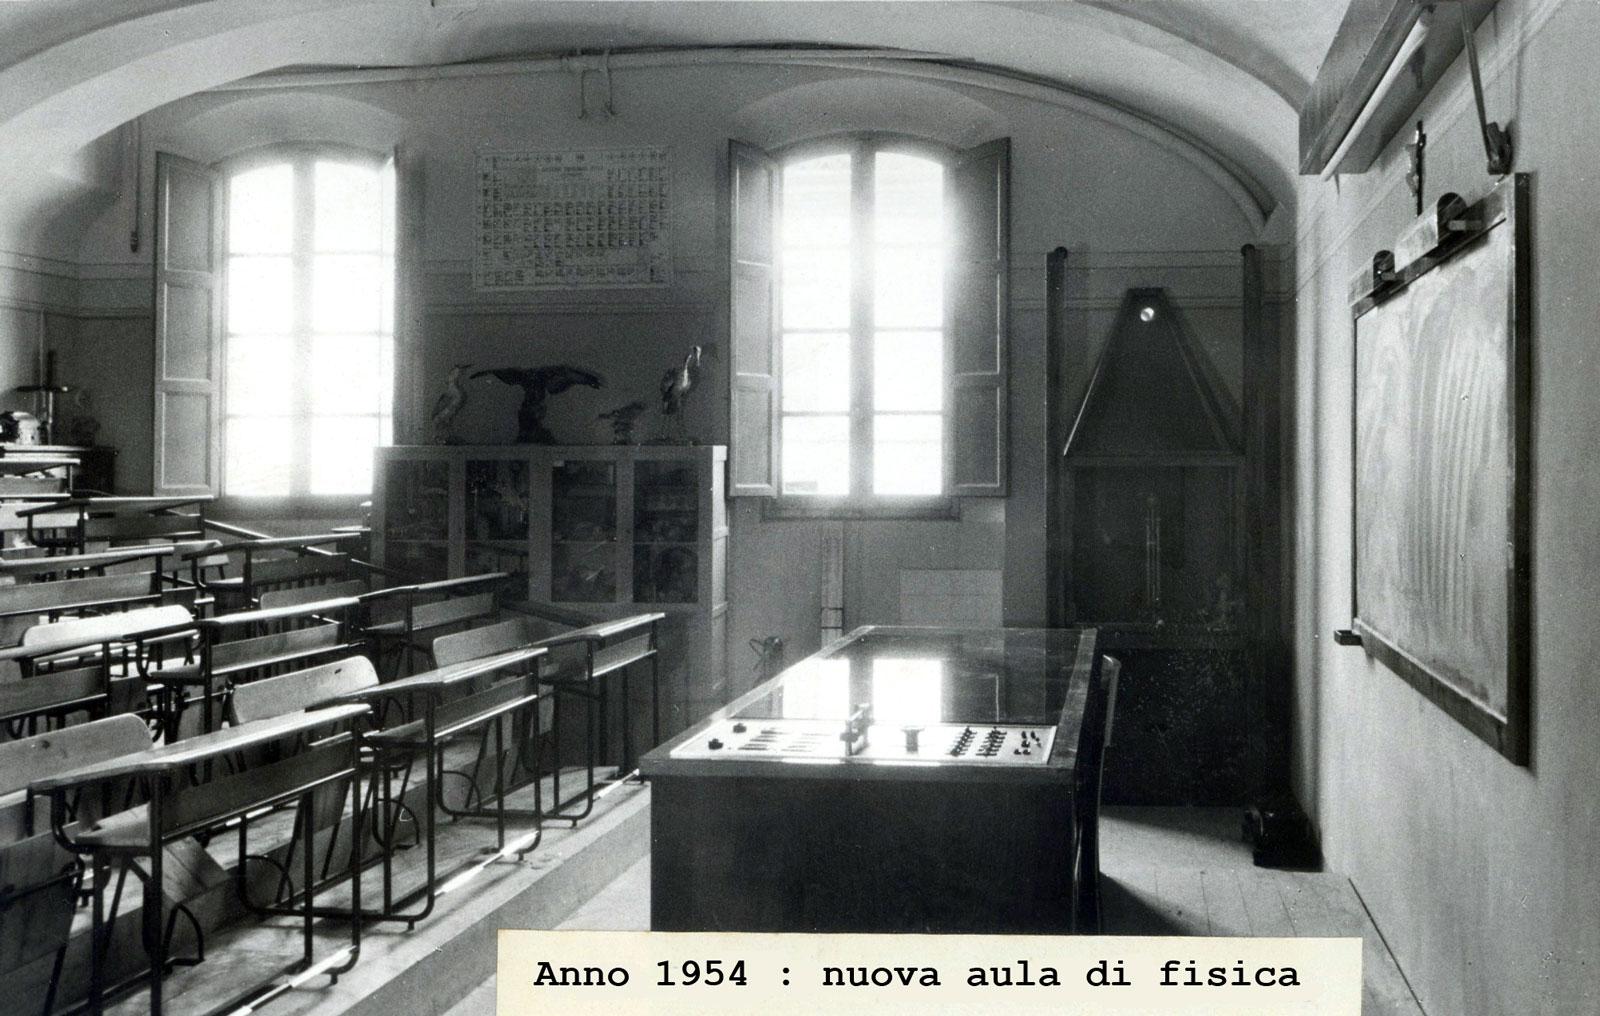 https://www.faventiasales.it/wp-content/uploads/2018/06/aula_fisica-sopra_attuali_uffici_FaventiaSales_1954_modificata.jpg